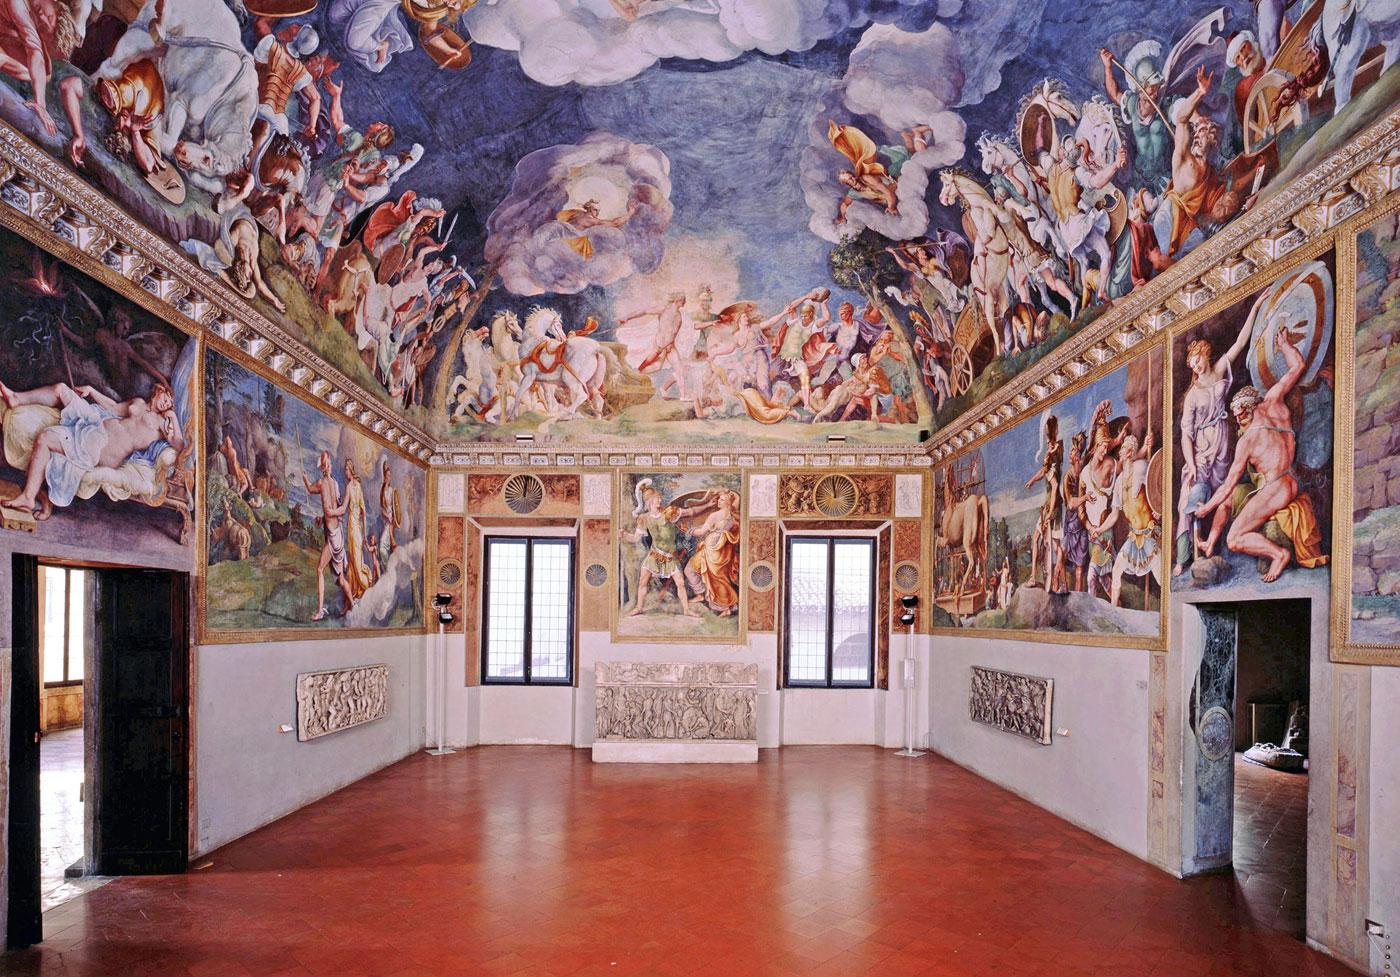 La grande mostra di Giulio Romano a Mantova. Ecco cosa vedremo in autunno a Palazzo Ducale